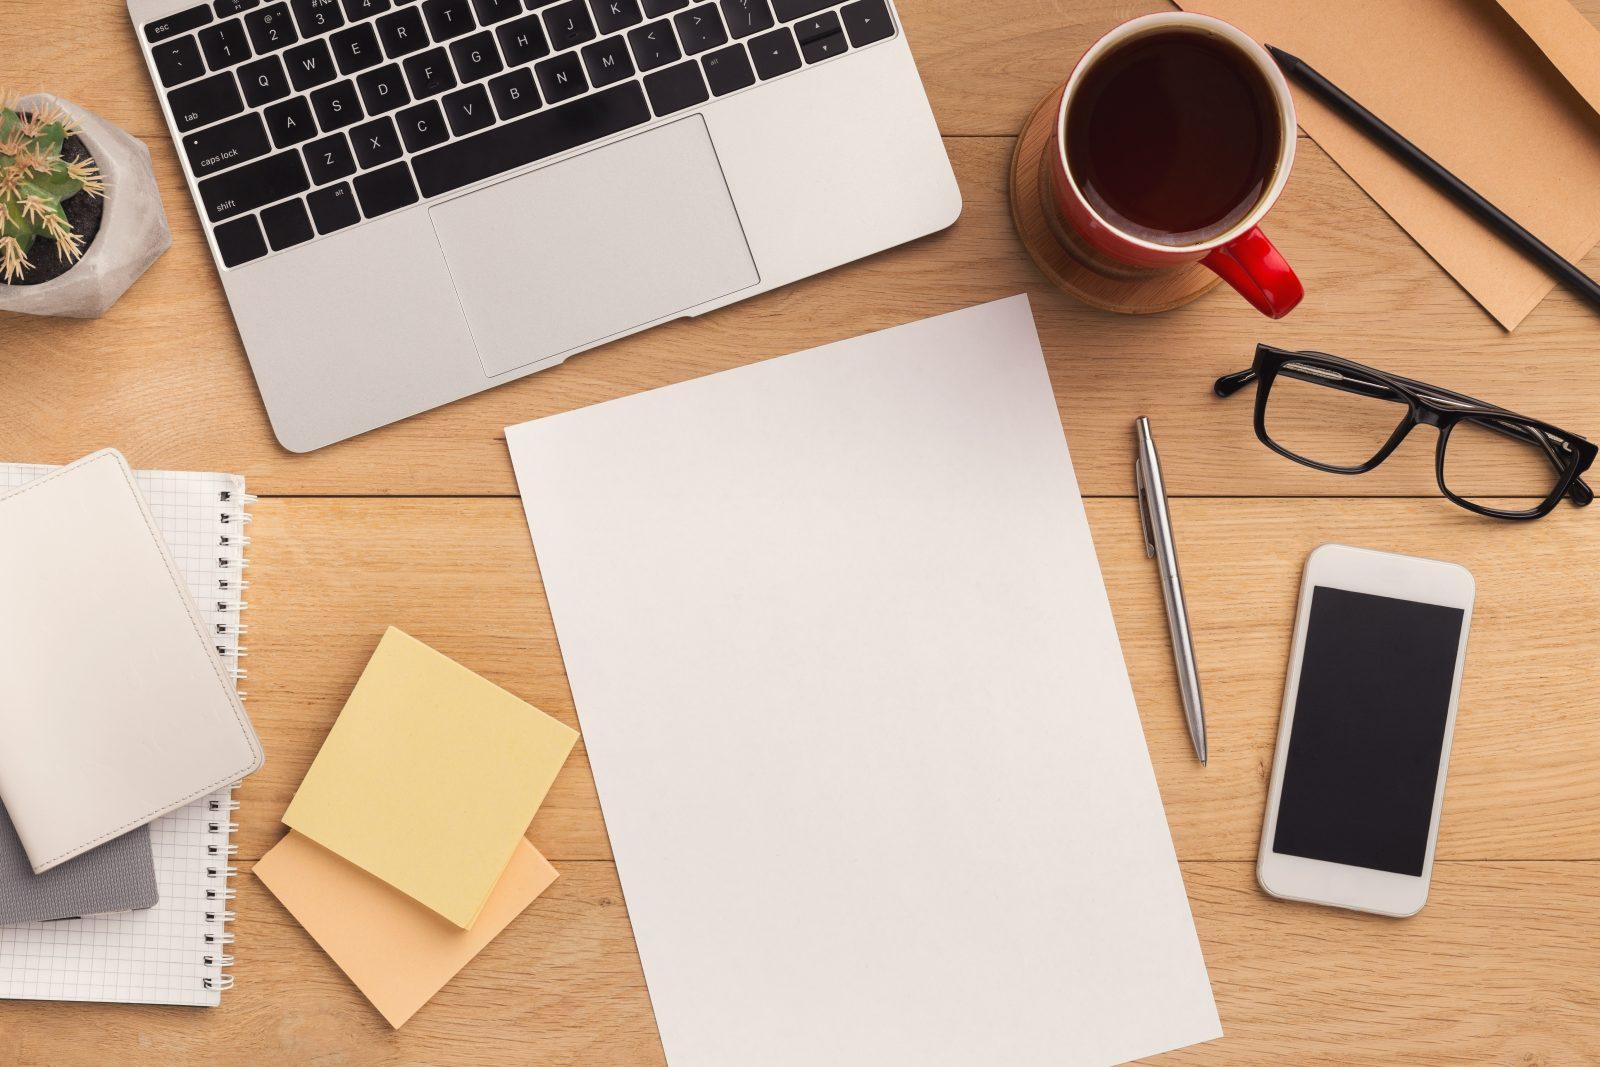 Skrivbord med dator, telefon, kaffekopp och glasögon. Lite post-it-lappar och pennor.